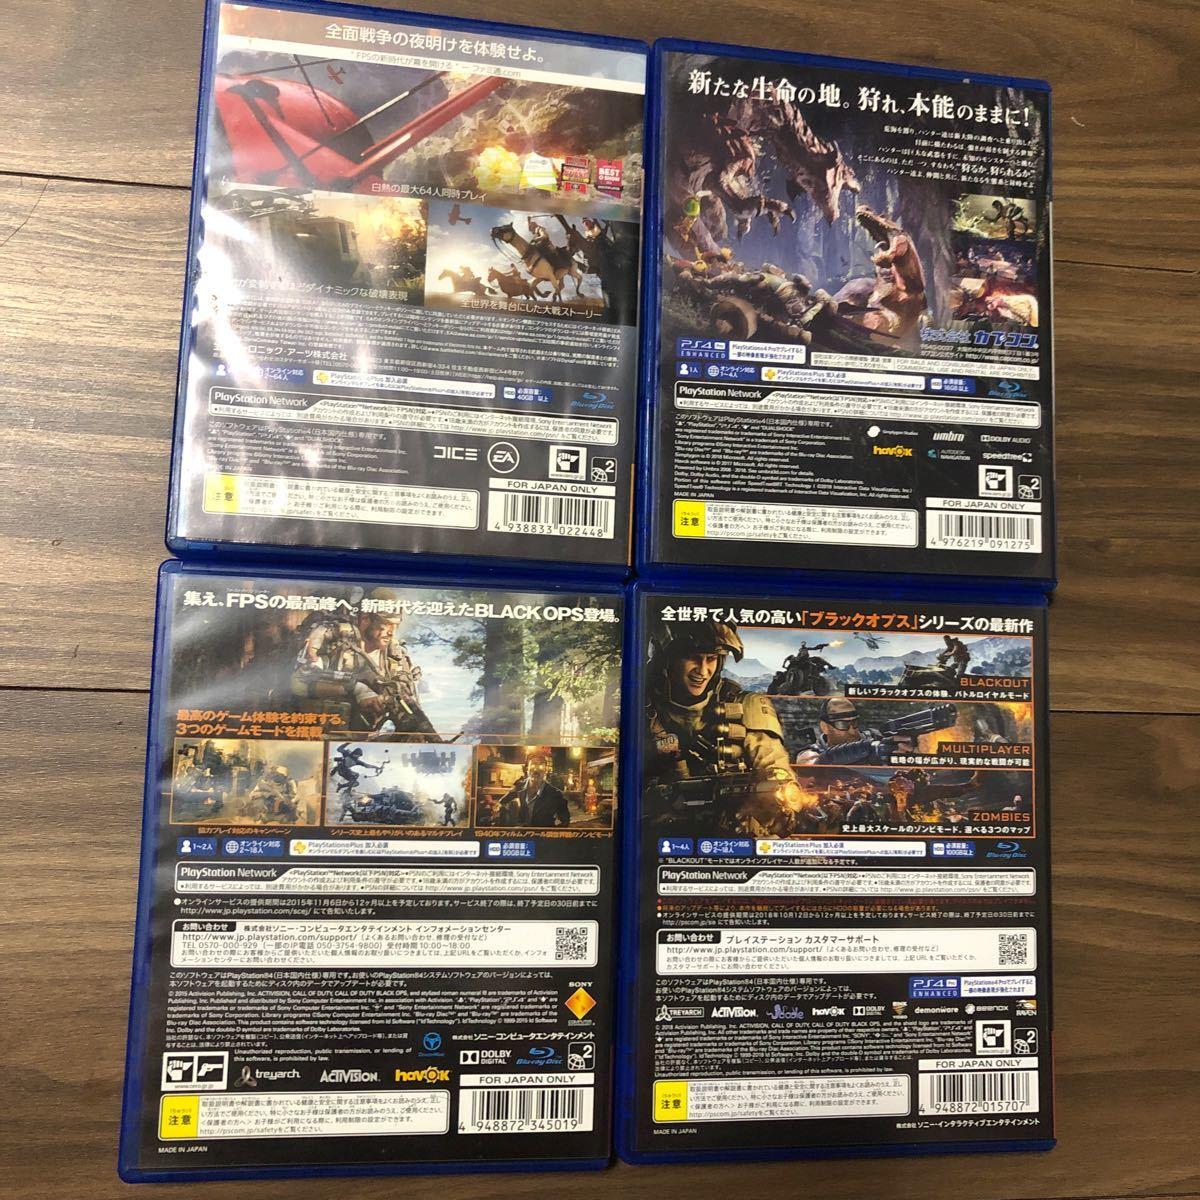 【PS4】 コール オブ デューティ ブラックオプス3 4 モンスターハンター バトルフィールド1 4本セット9